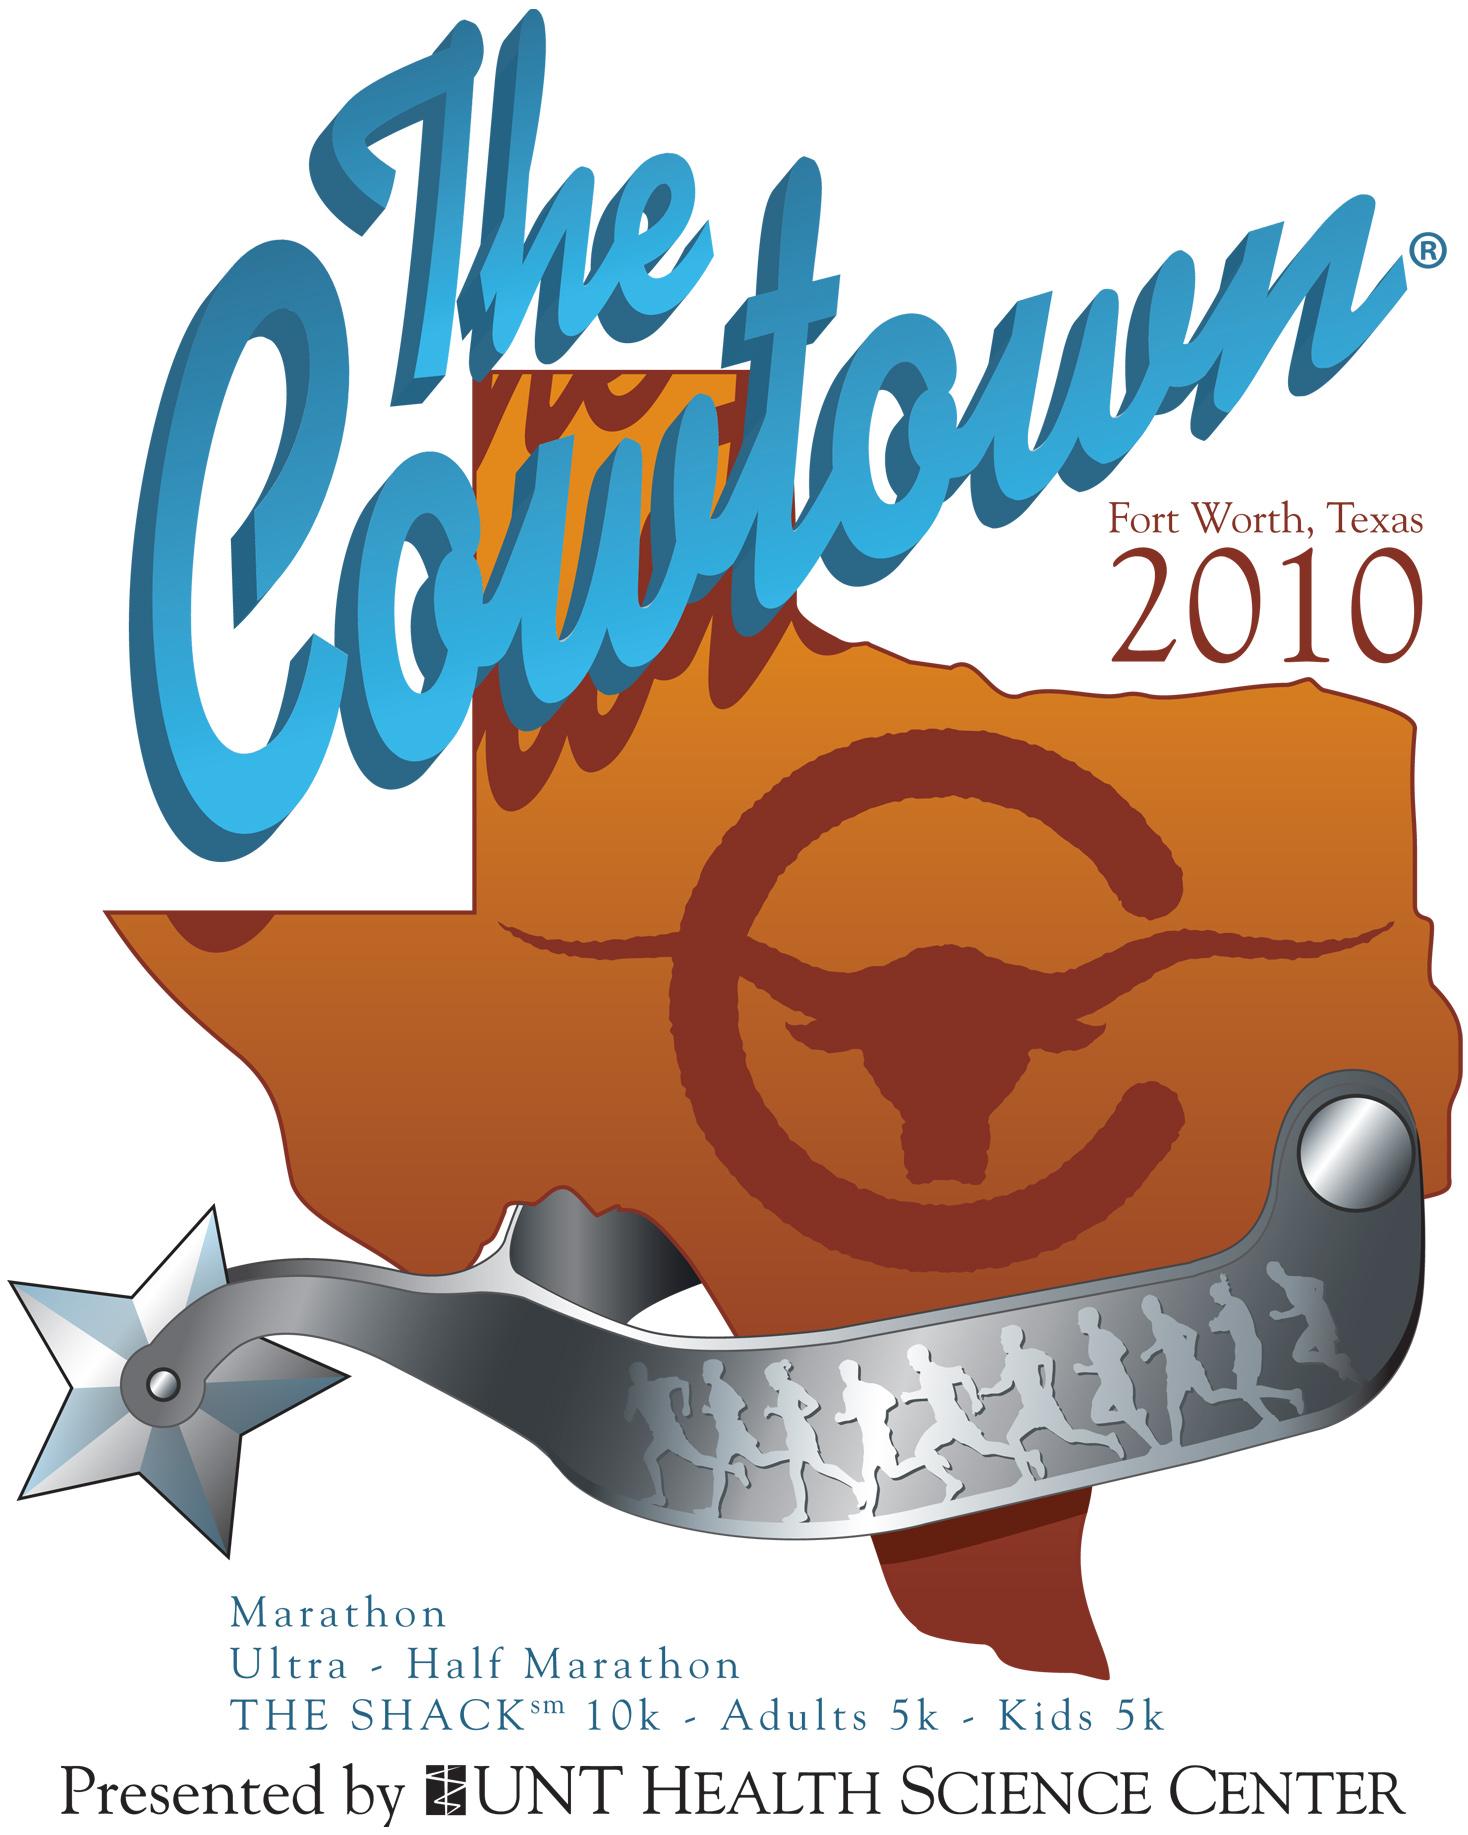 The Cowtown Marathon - Team Results